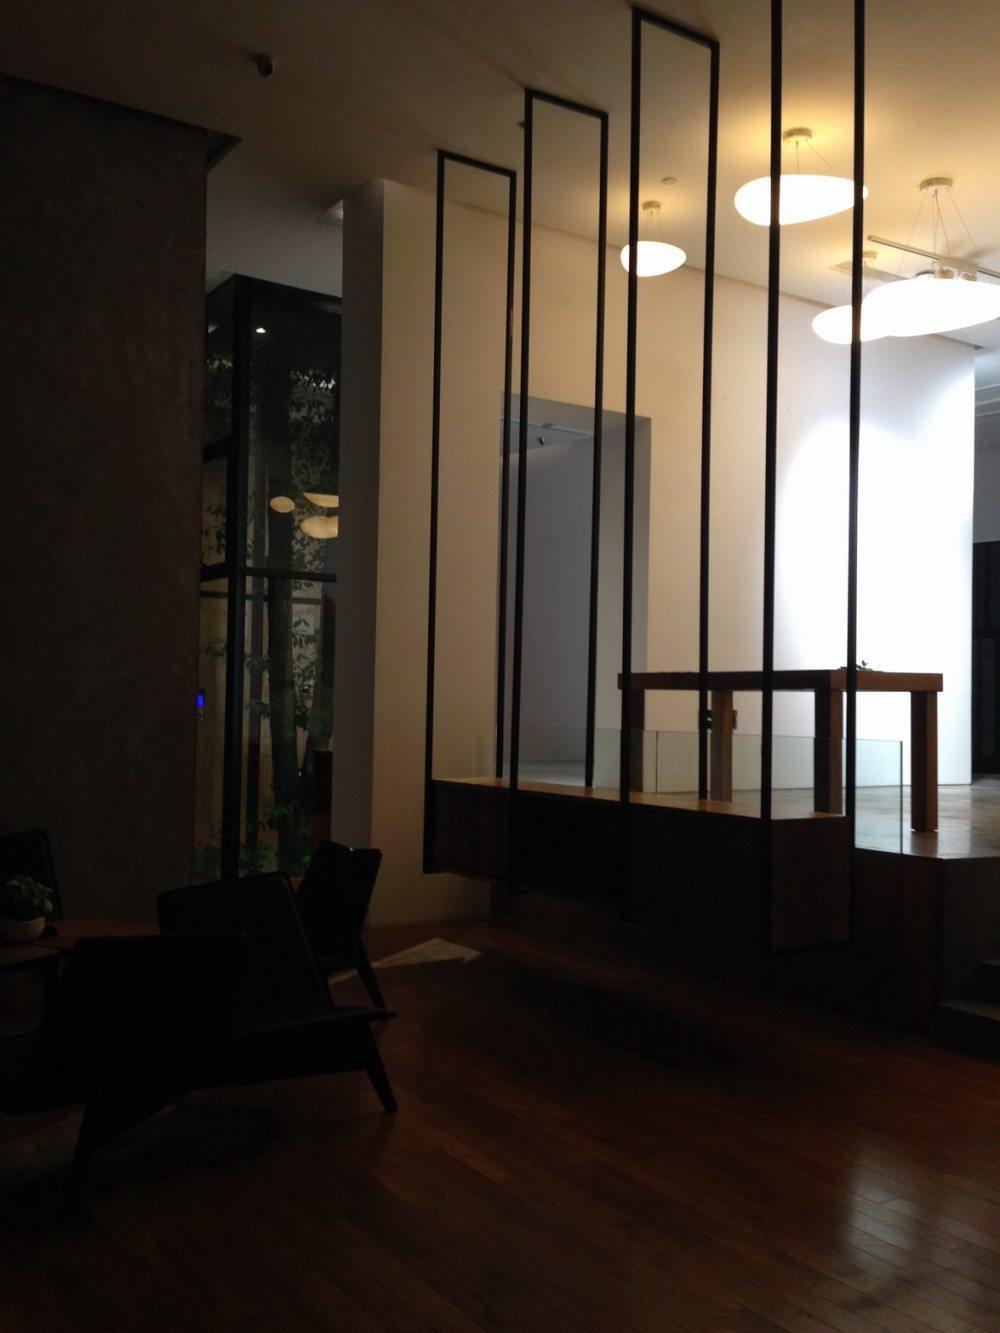 厦门乐雅无垠酒店Hotel Wind自拍 分享_IMG_2637.JPG